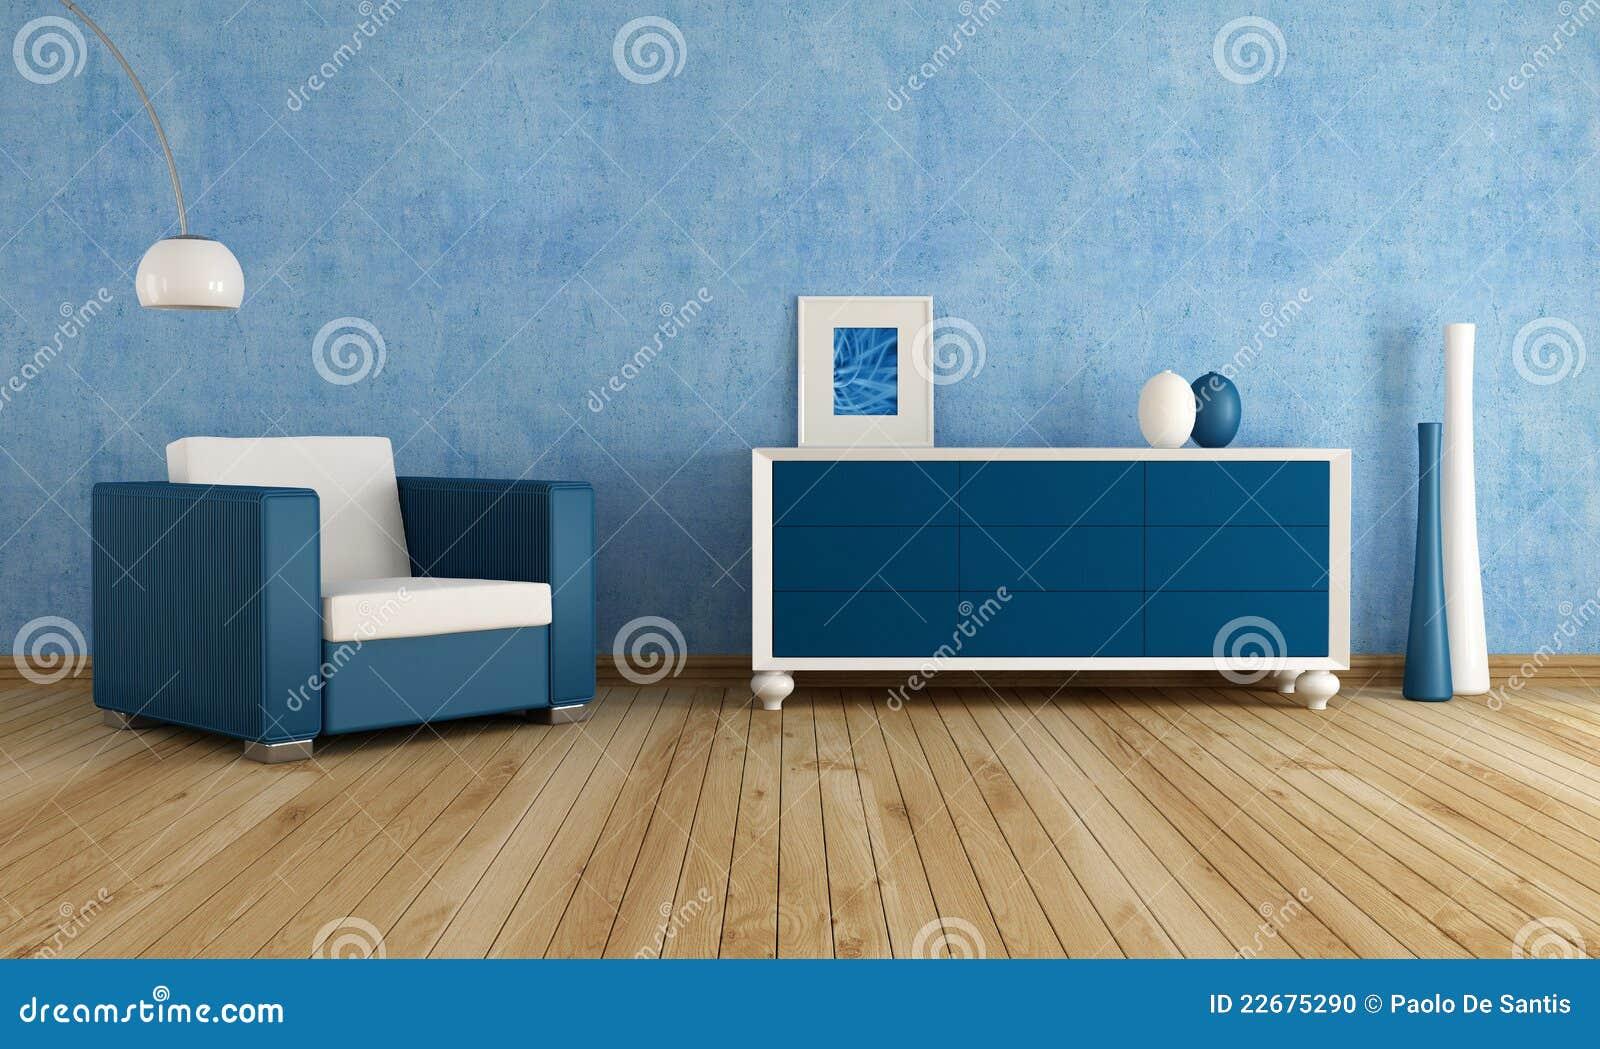 Blaues wohnzimmer stockfoto bild 22675290 - Blaues wohnzimmer ...